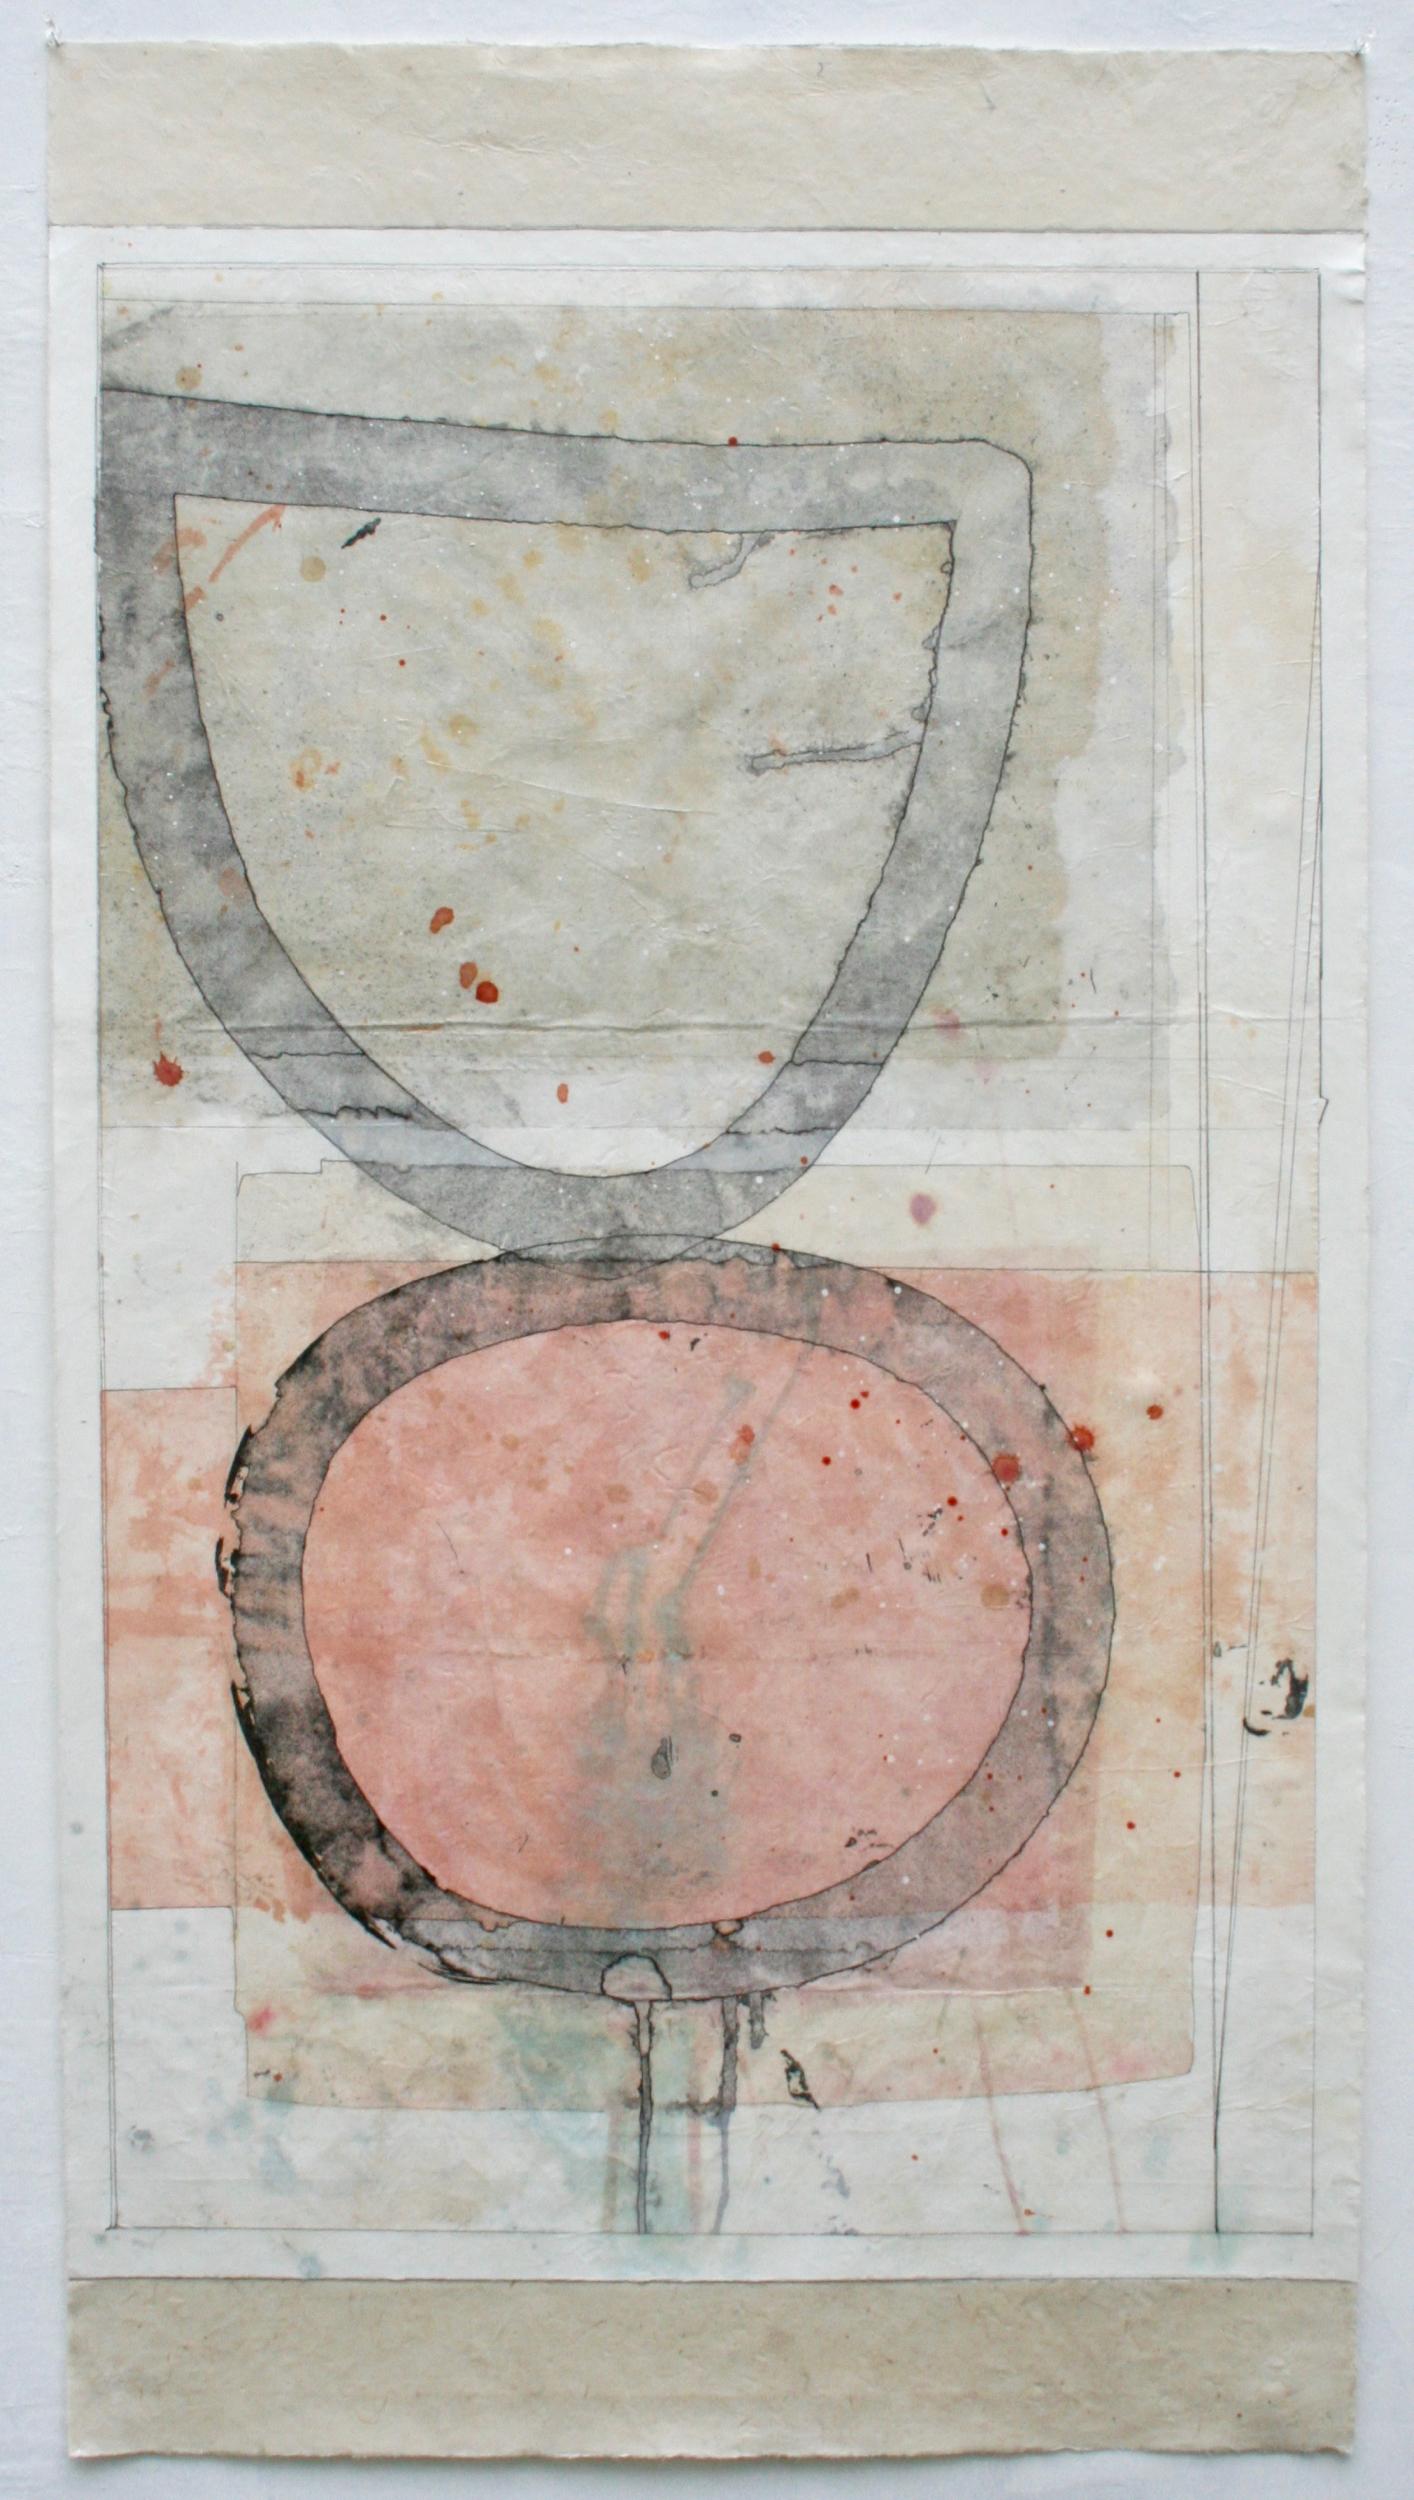 queenie  mixed media on Tibetan paper  48 x 25.5  sold  .  .  .  .